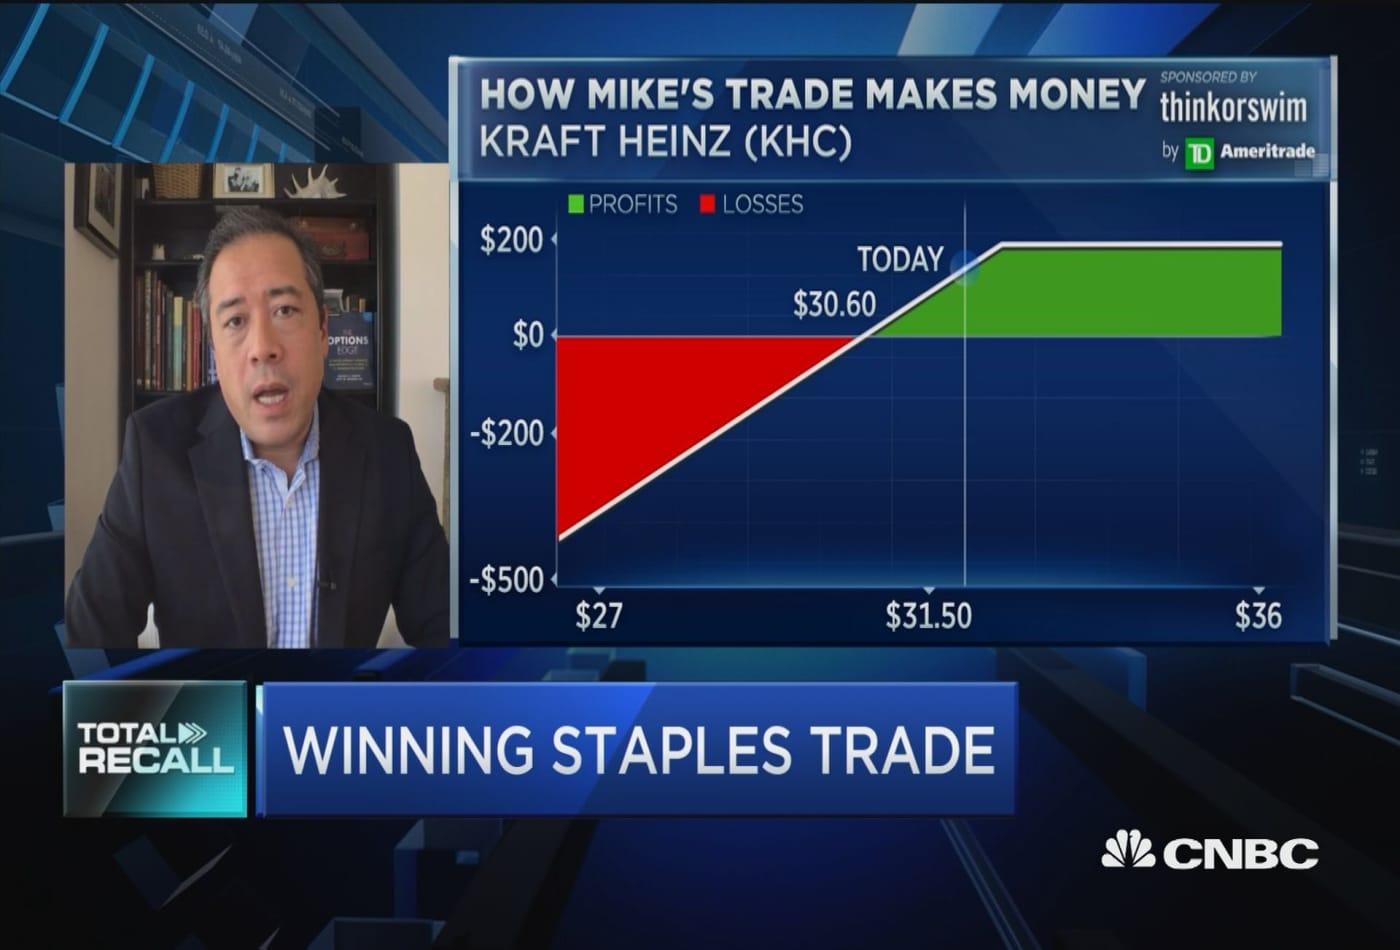 A winning Staples trade